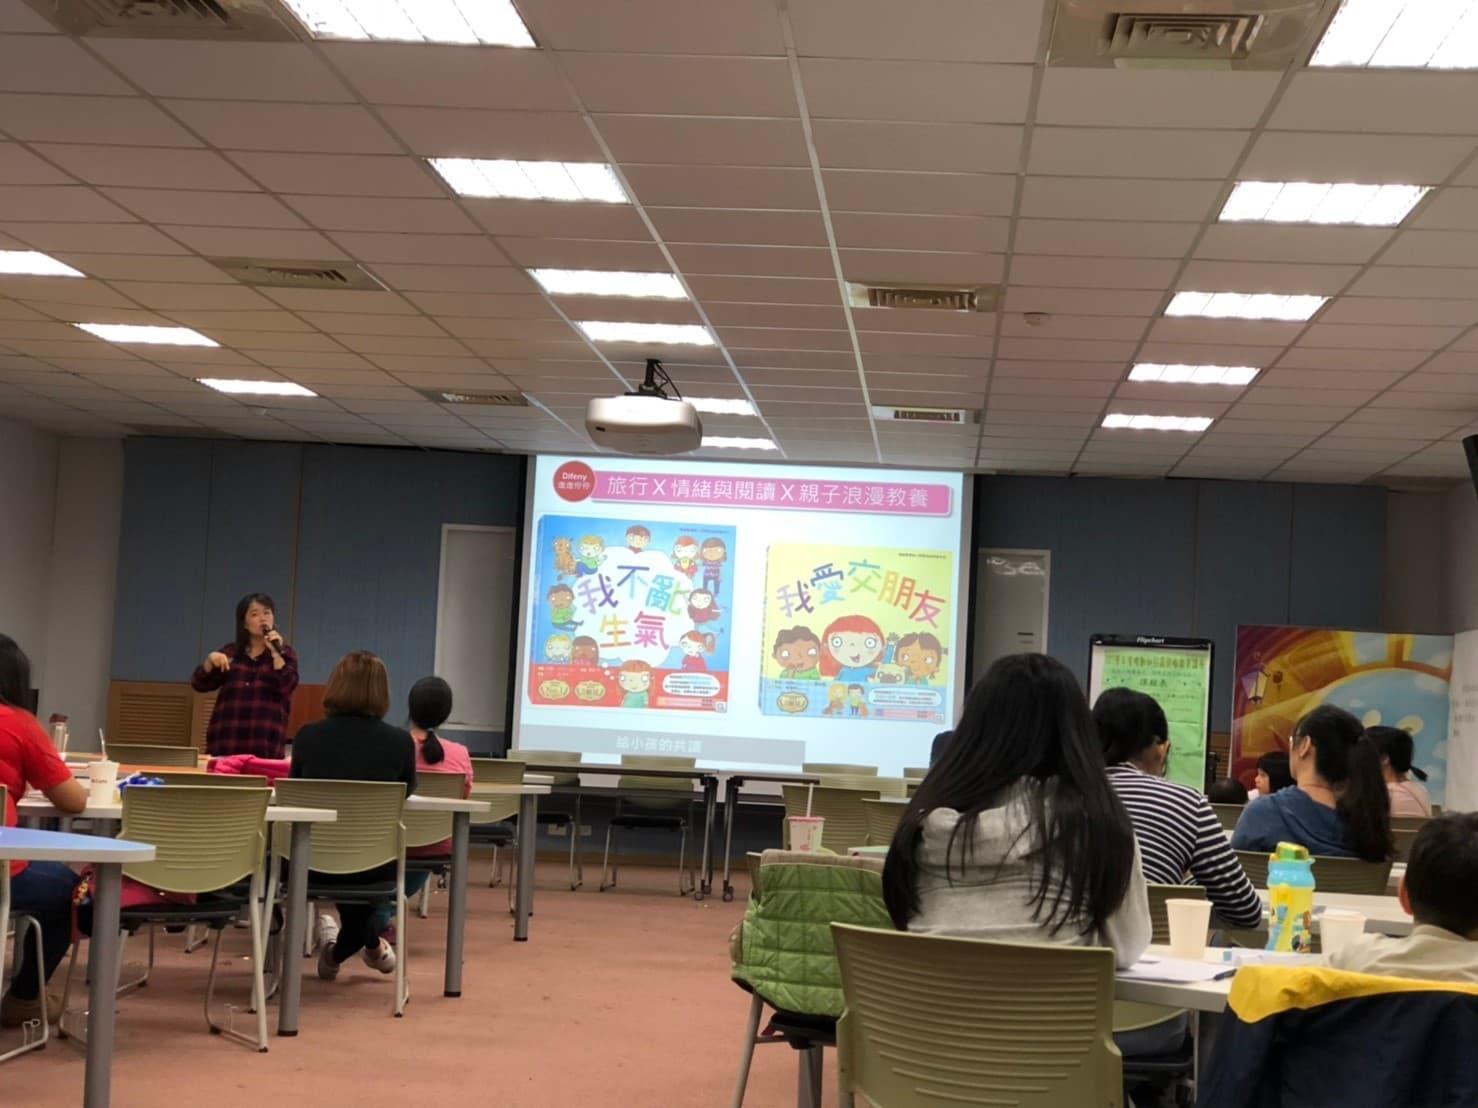 親子X旅行X閱讀教養講座分享|用旅行帶著孩子閱讀世界,陪伴孩子培養看見大未來的能力~